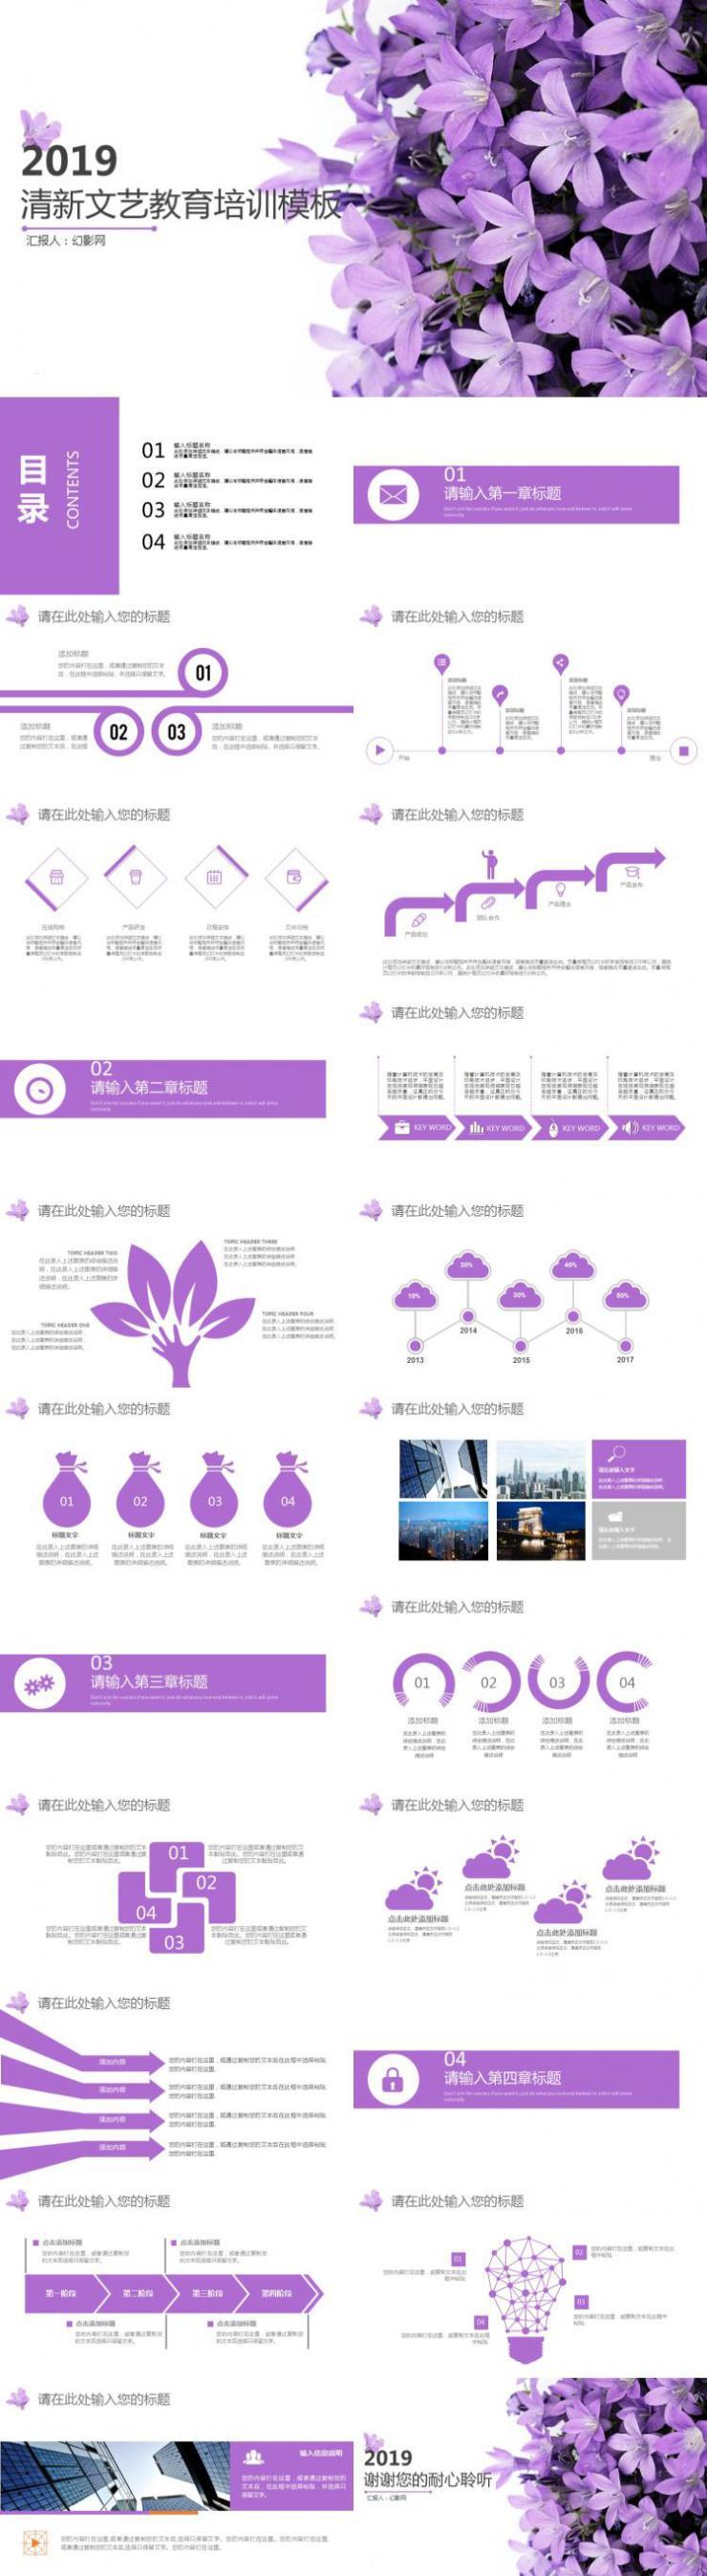 紫色卡通风小学生自我介绍PPT模板